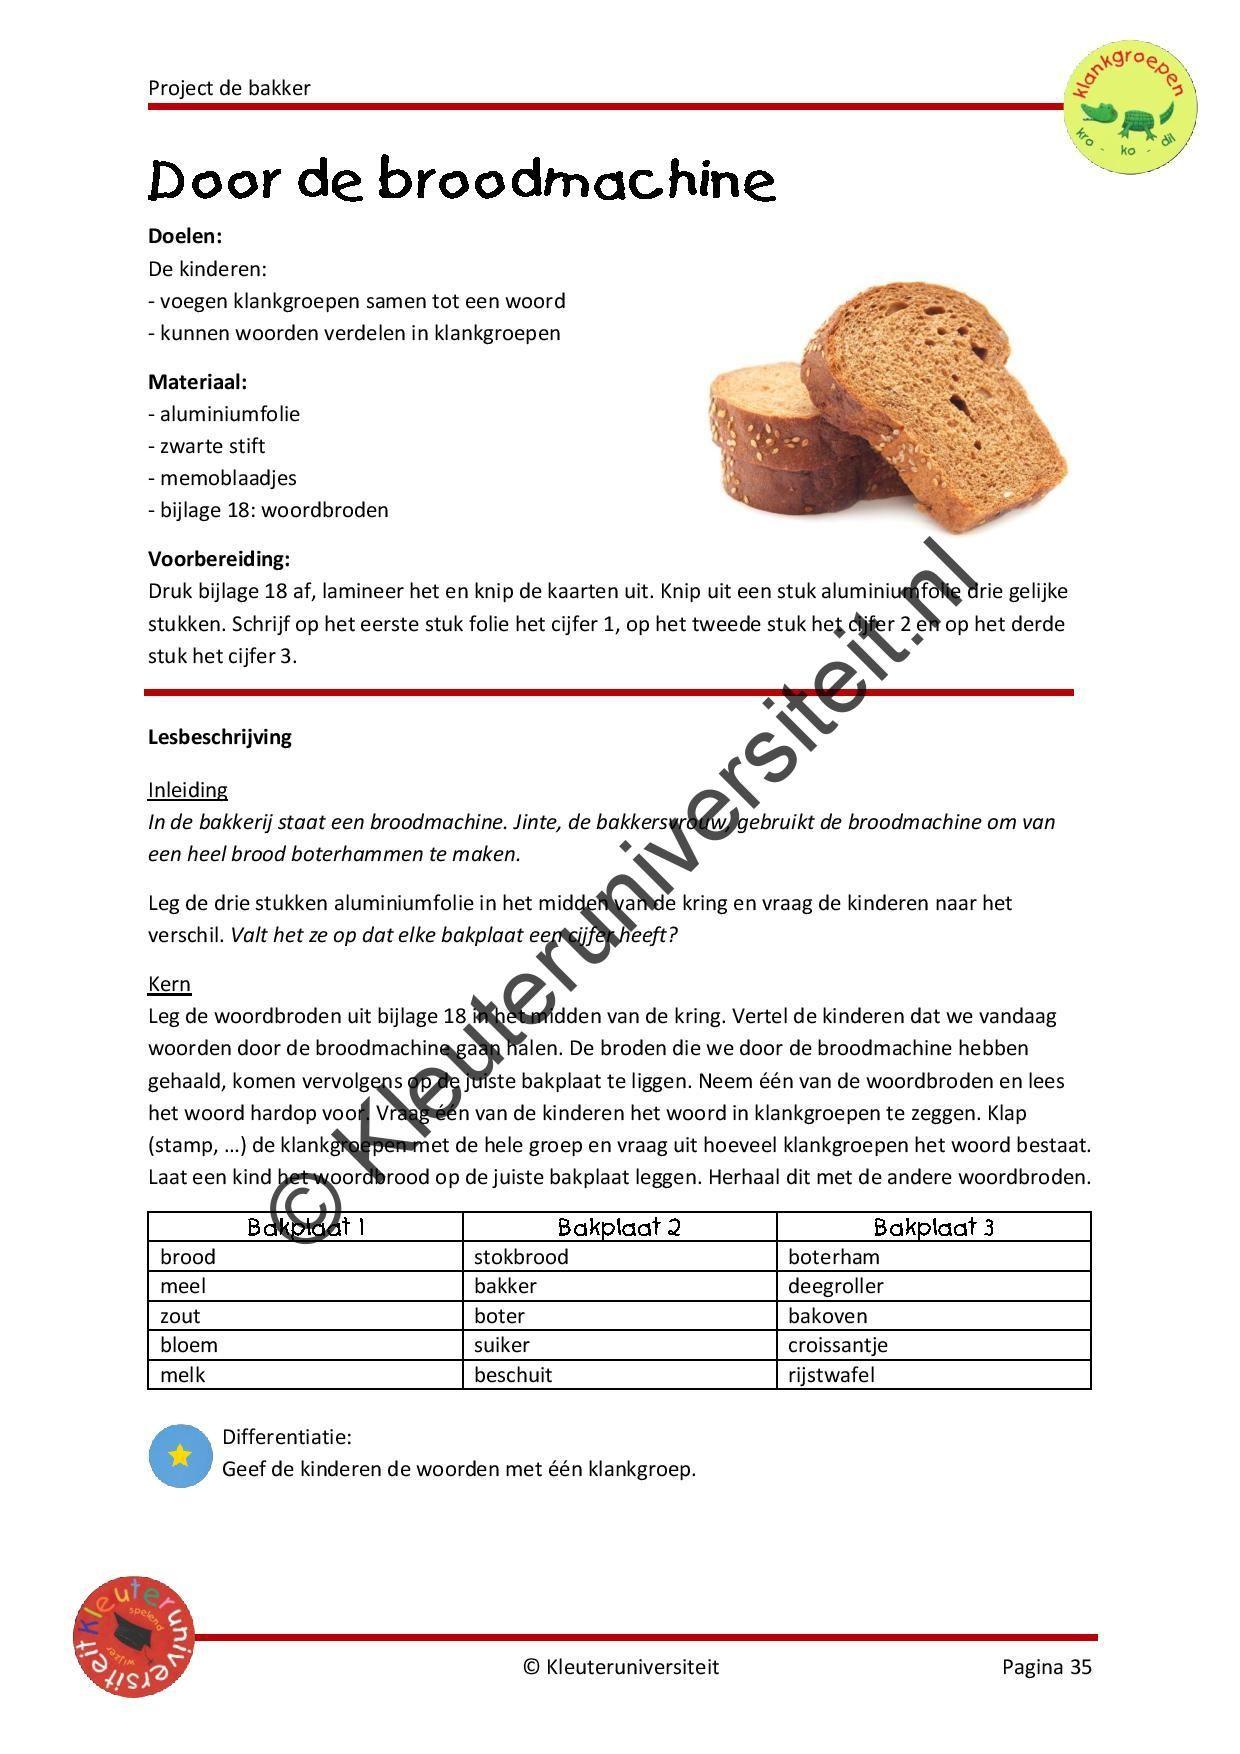 De Bakker Broodmachine Projecten Een Woord